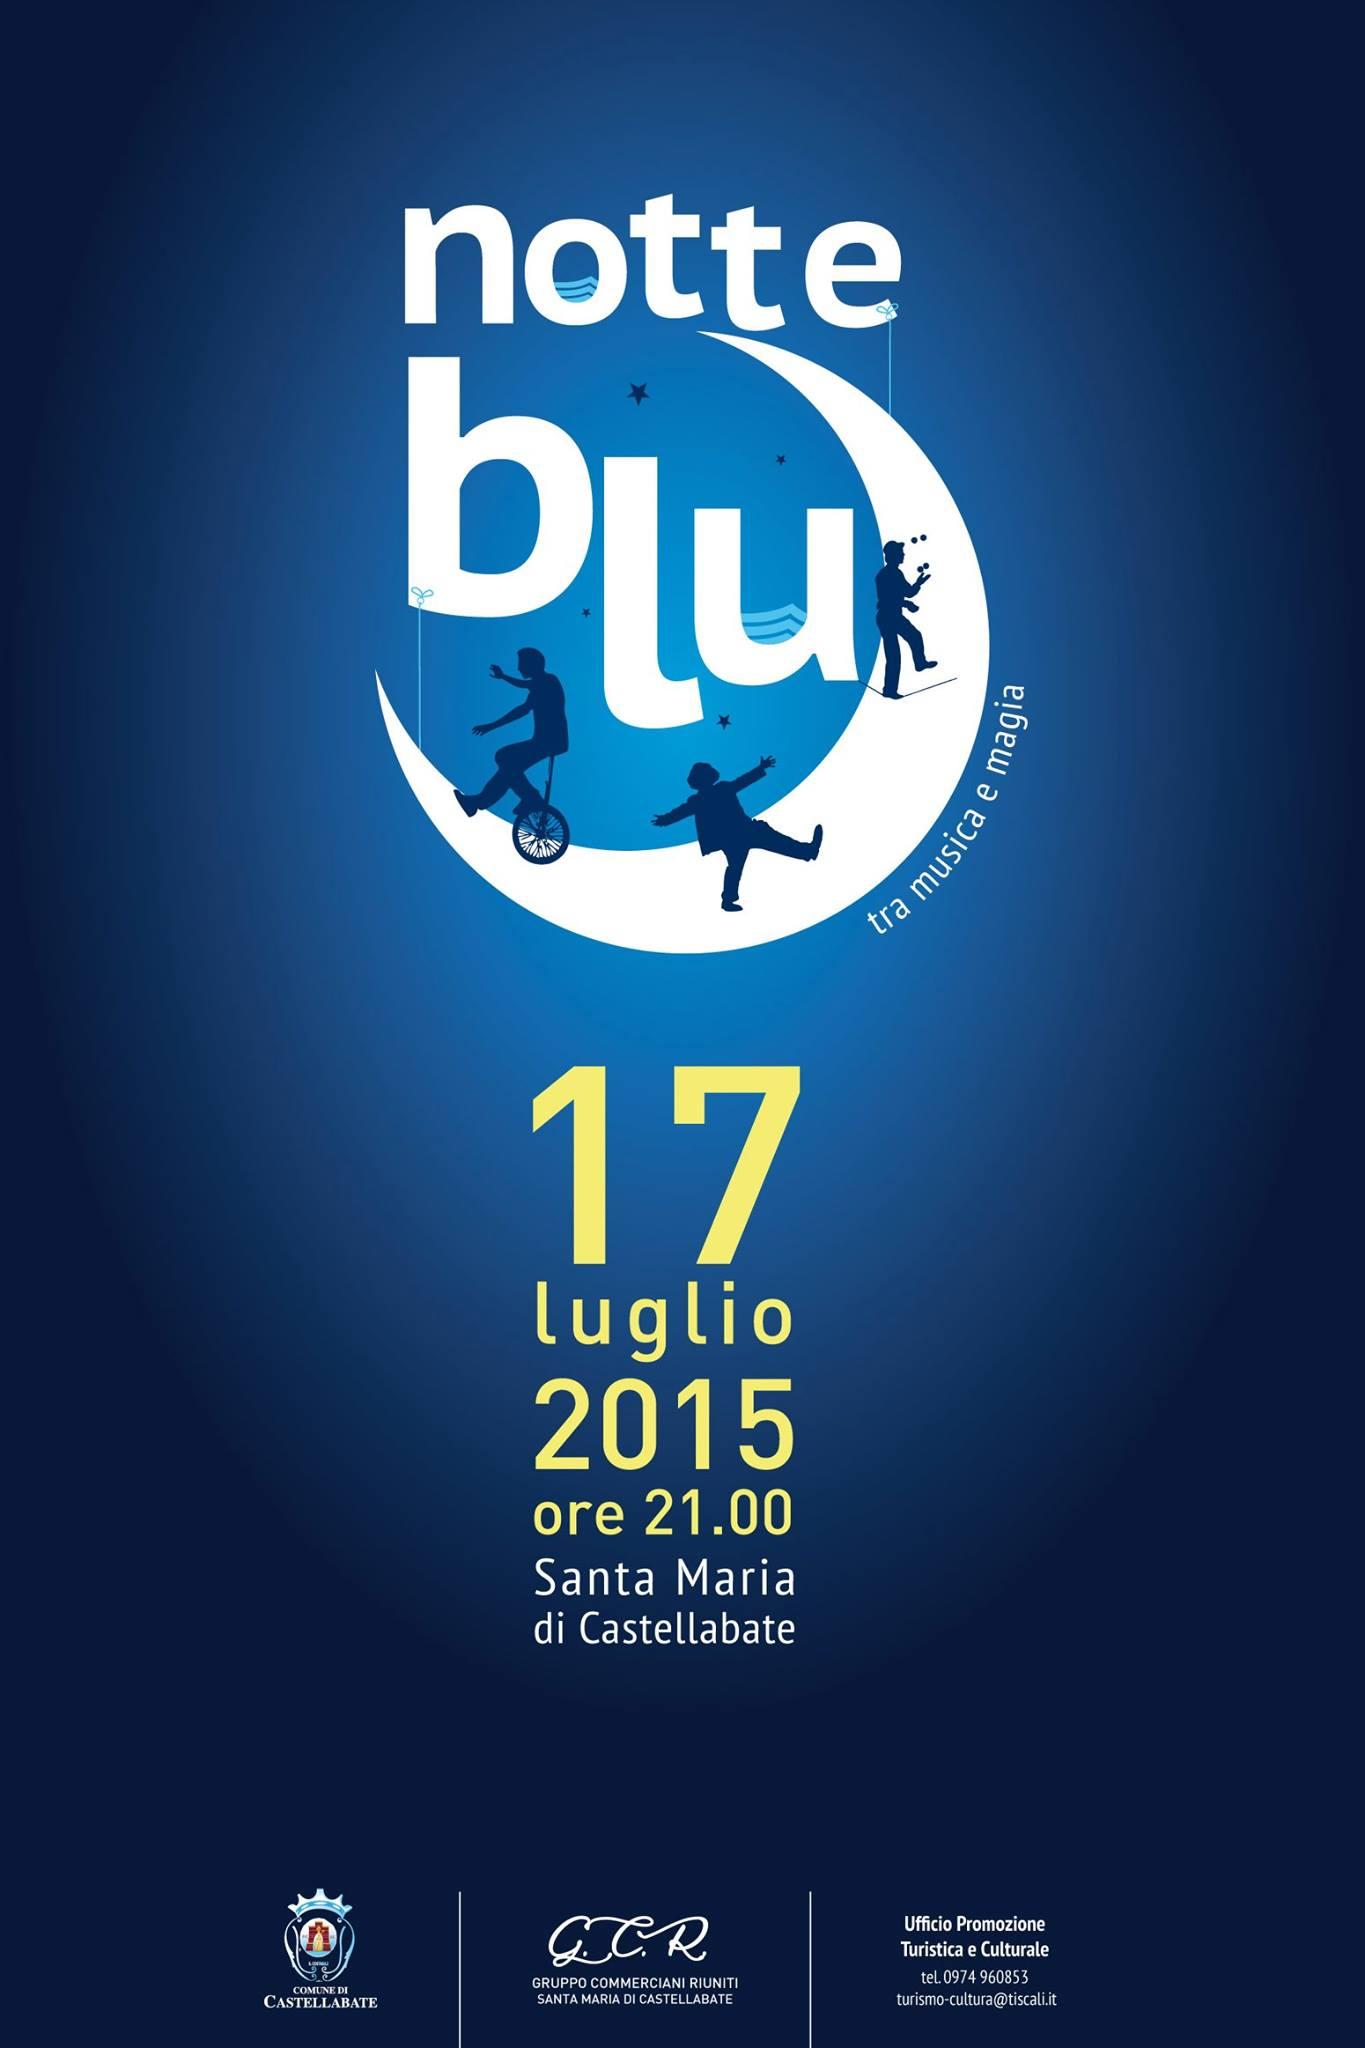 Notte blu 2015